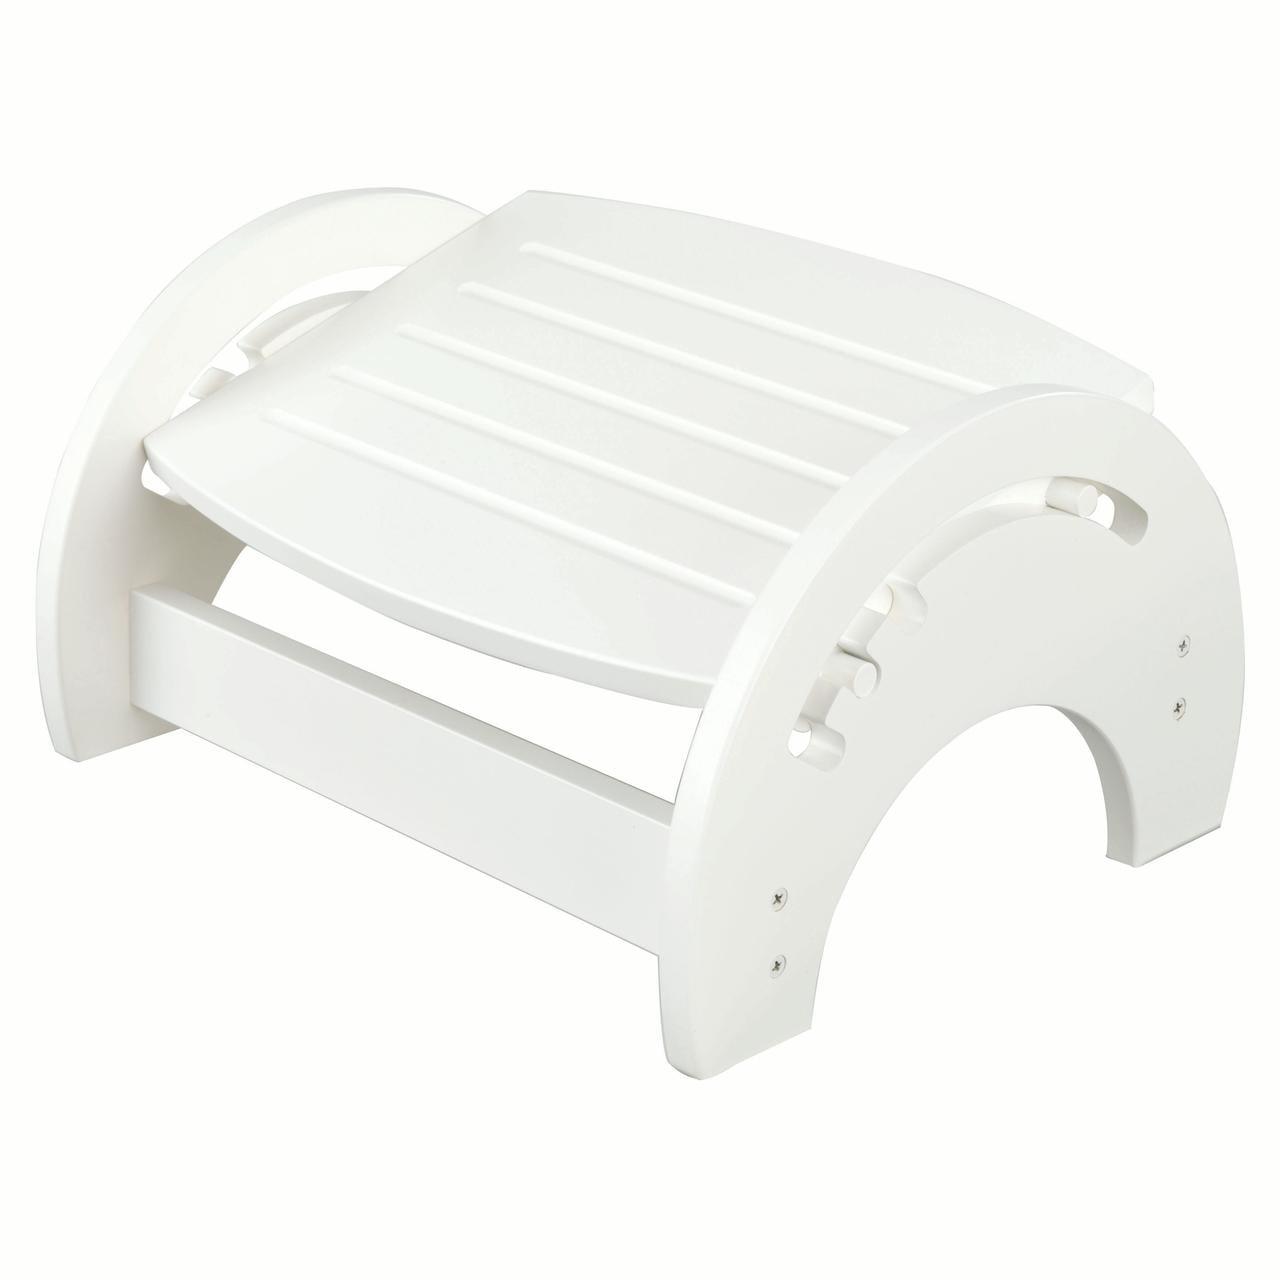 KidKraft Adjustable Stool for Nursing White by KidKraft